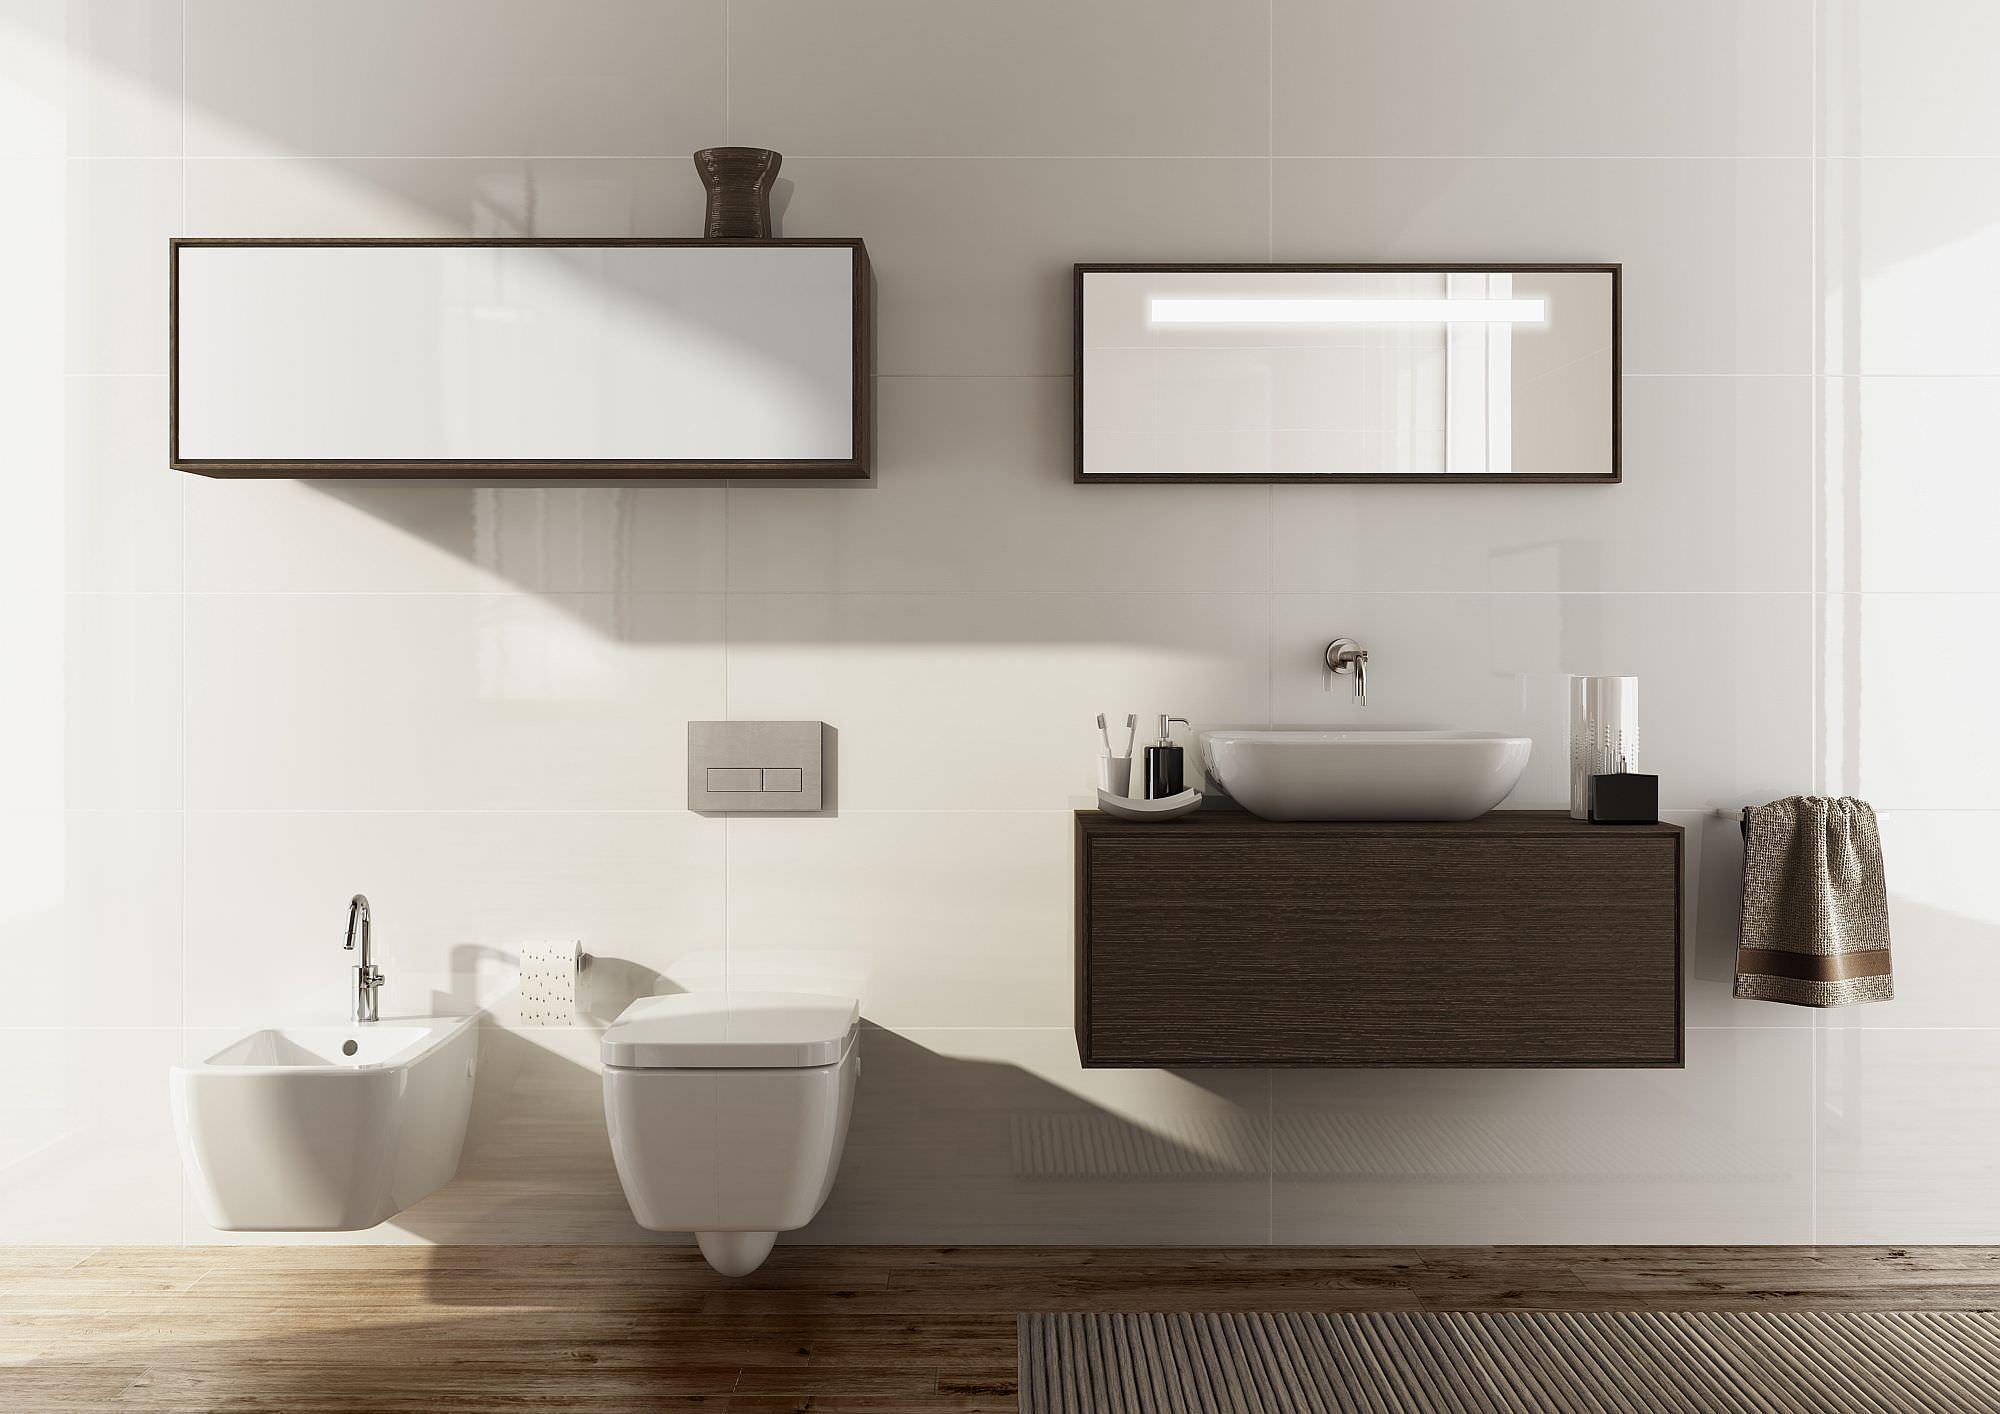 mobili per bagno componibili design casa creativa e